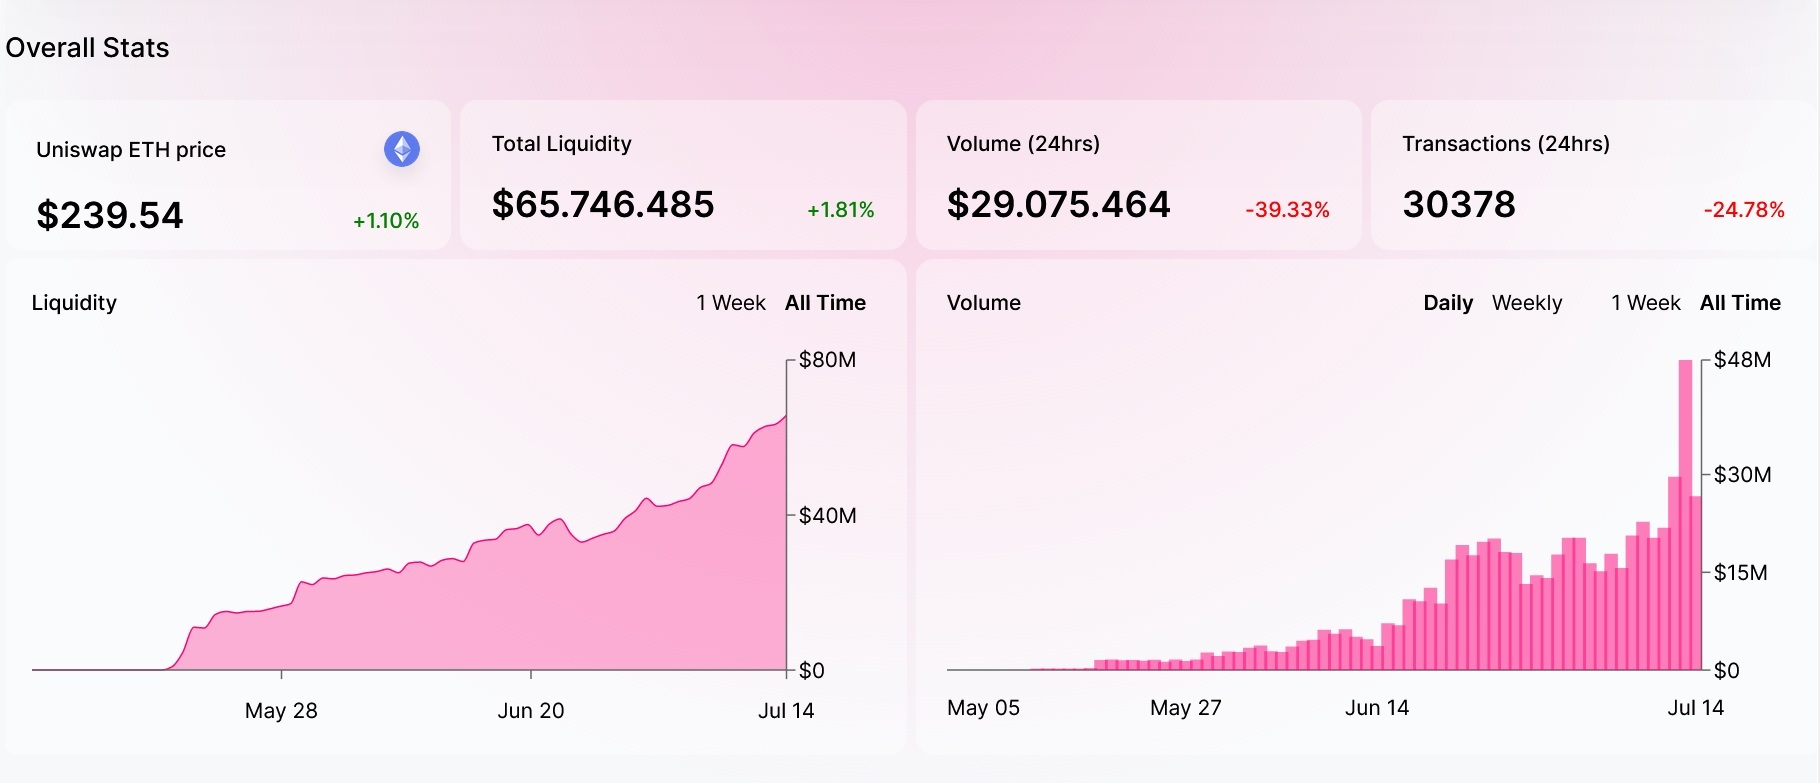 Uniswap decentralized exchange statistics